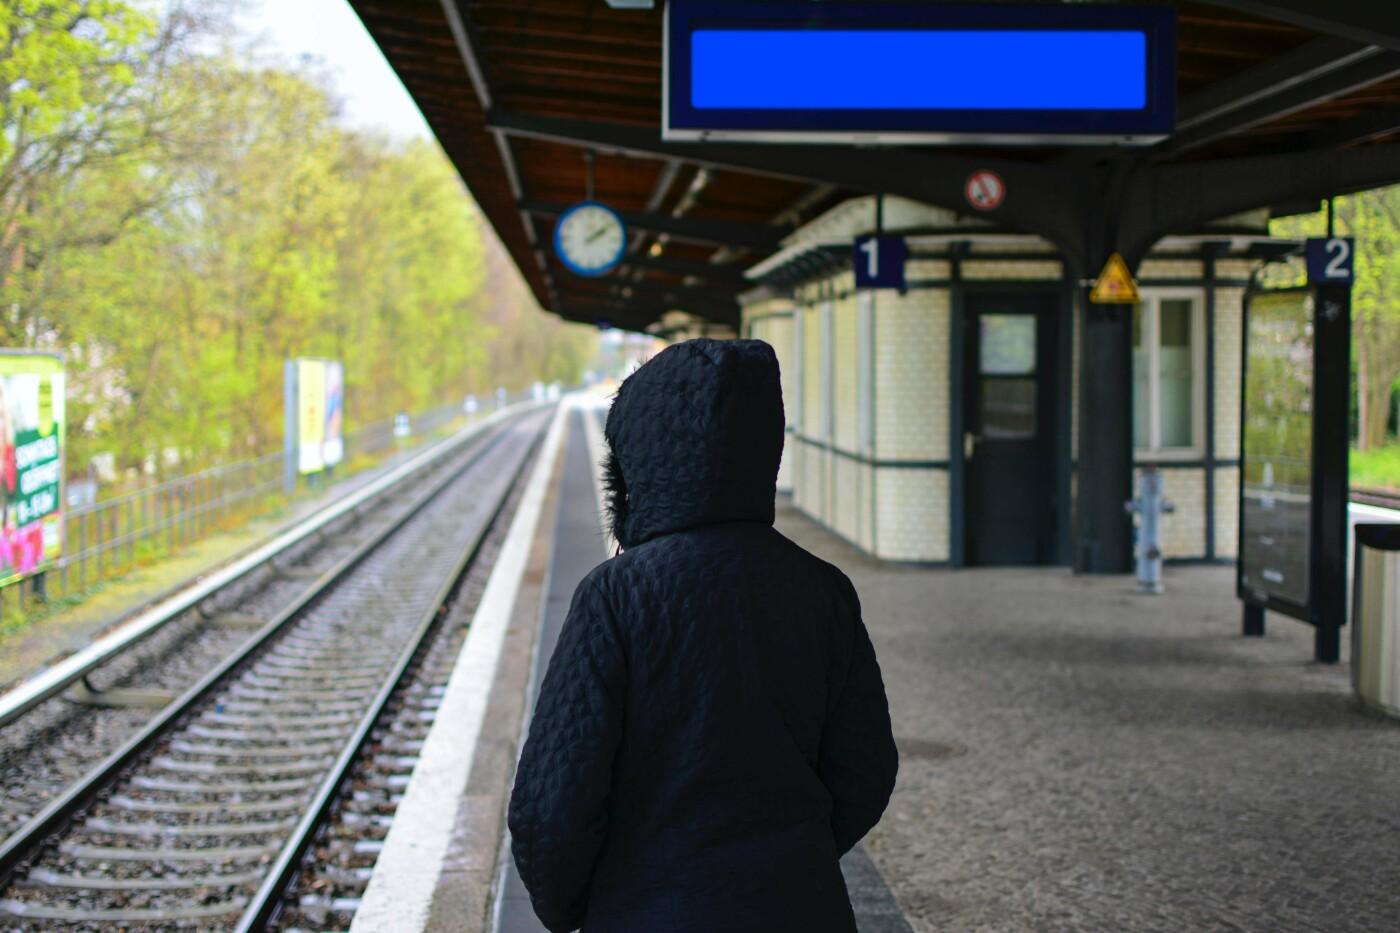 Не прозевай свою: расписание электричек Киев-Фастов, Фото: Raphael Nogueira